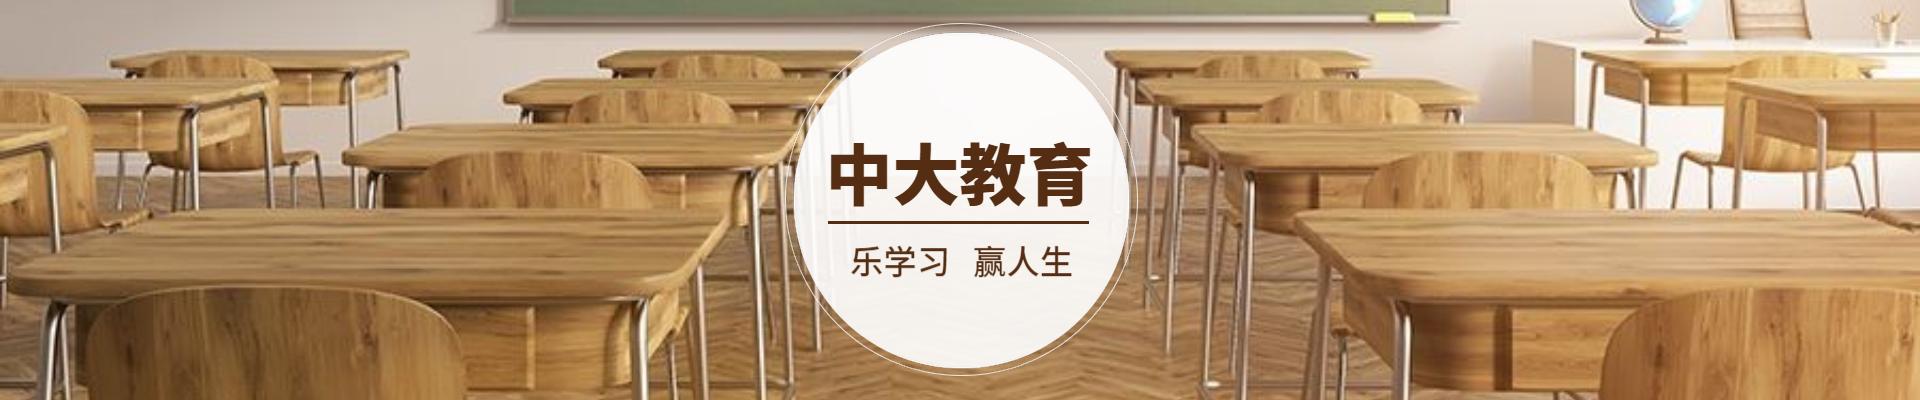 重庆中大互联在线培训